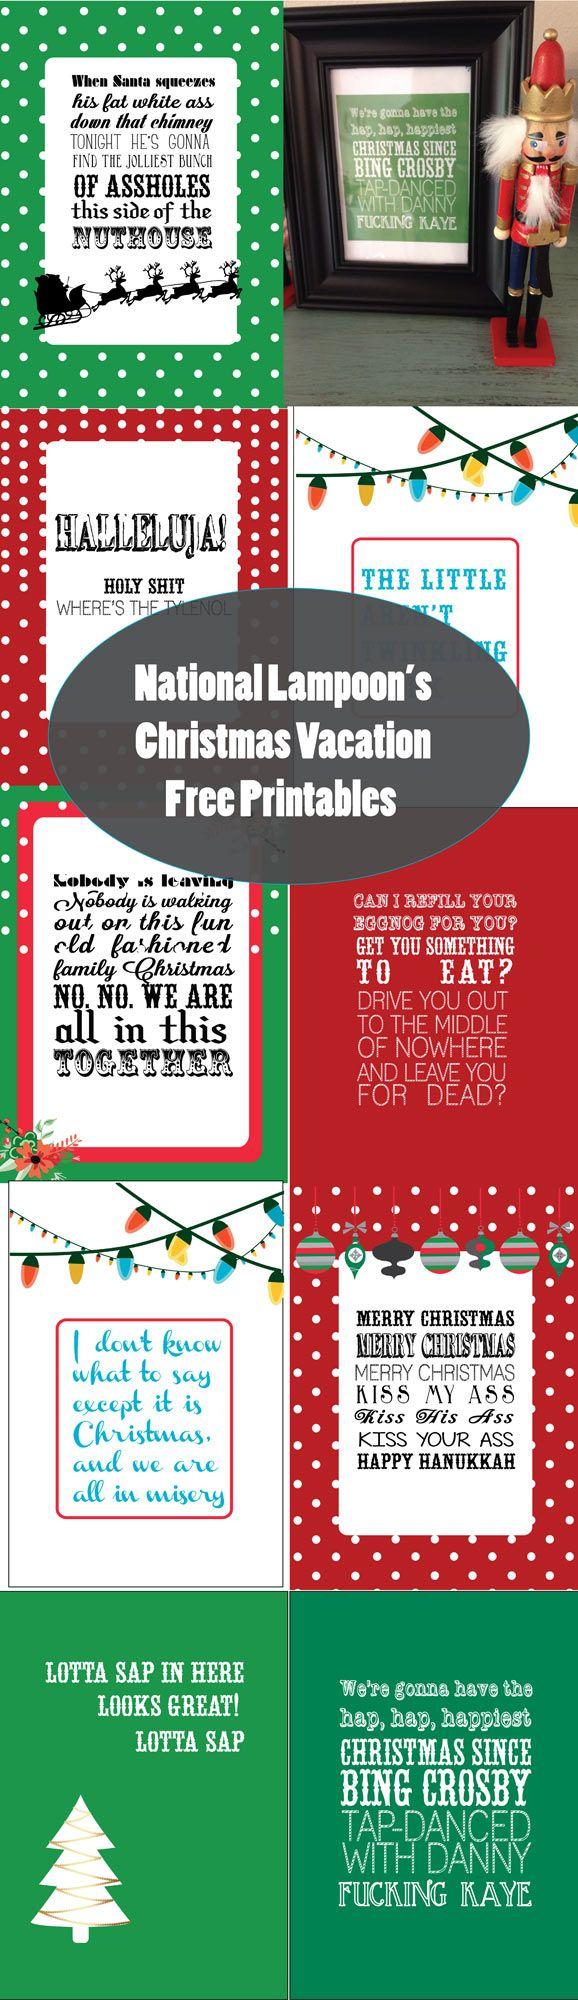 National Lampoon S Christmas Vacation Free Printables Sohosonnet Creative Living Christmas Vacation National Lampoons Christmas Vacation Lampoons Christmas